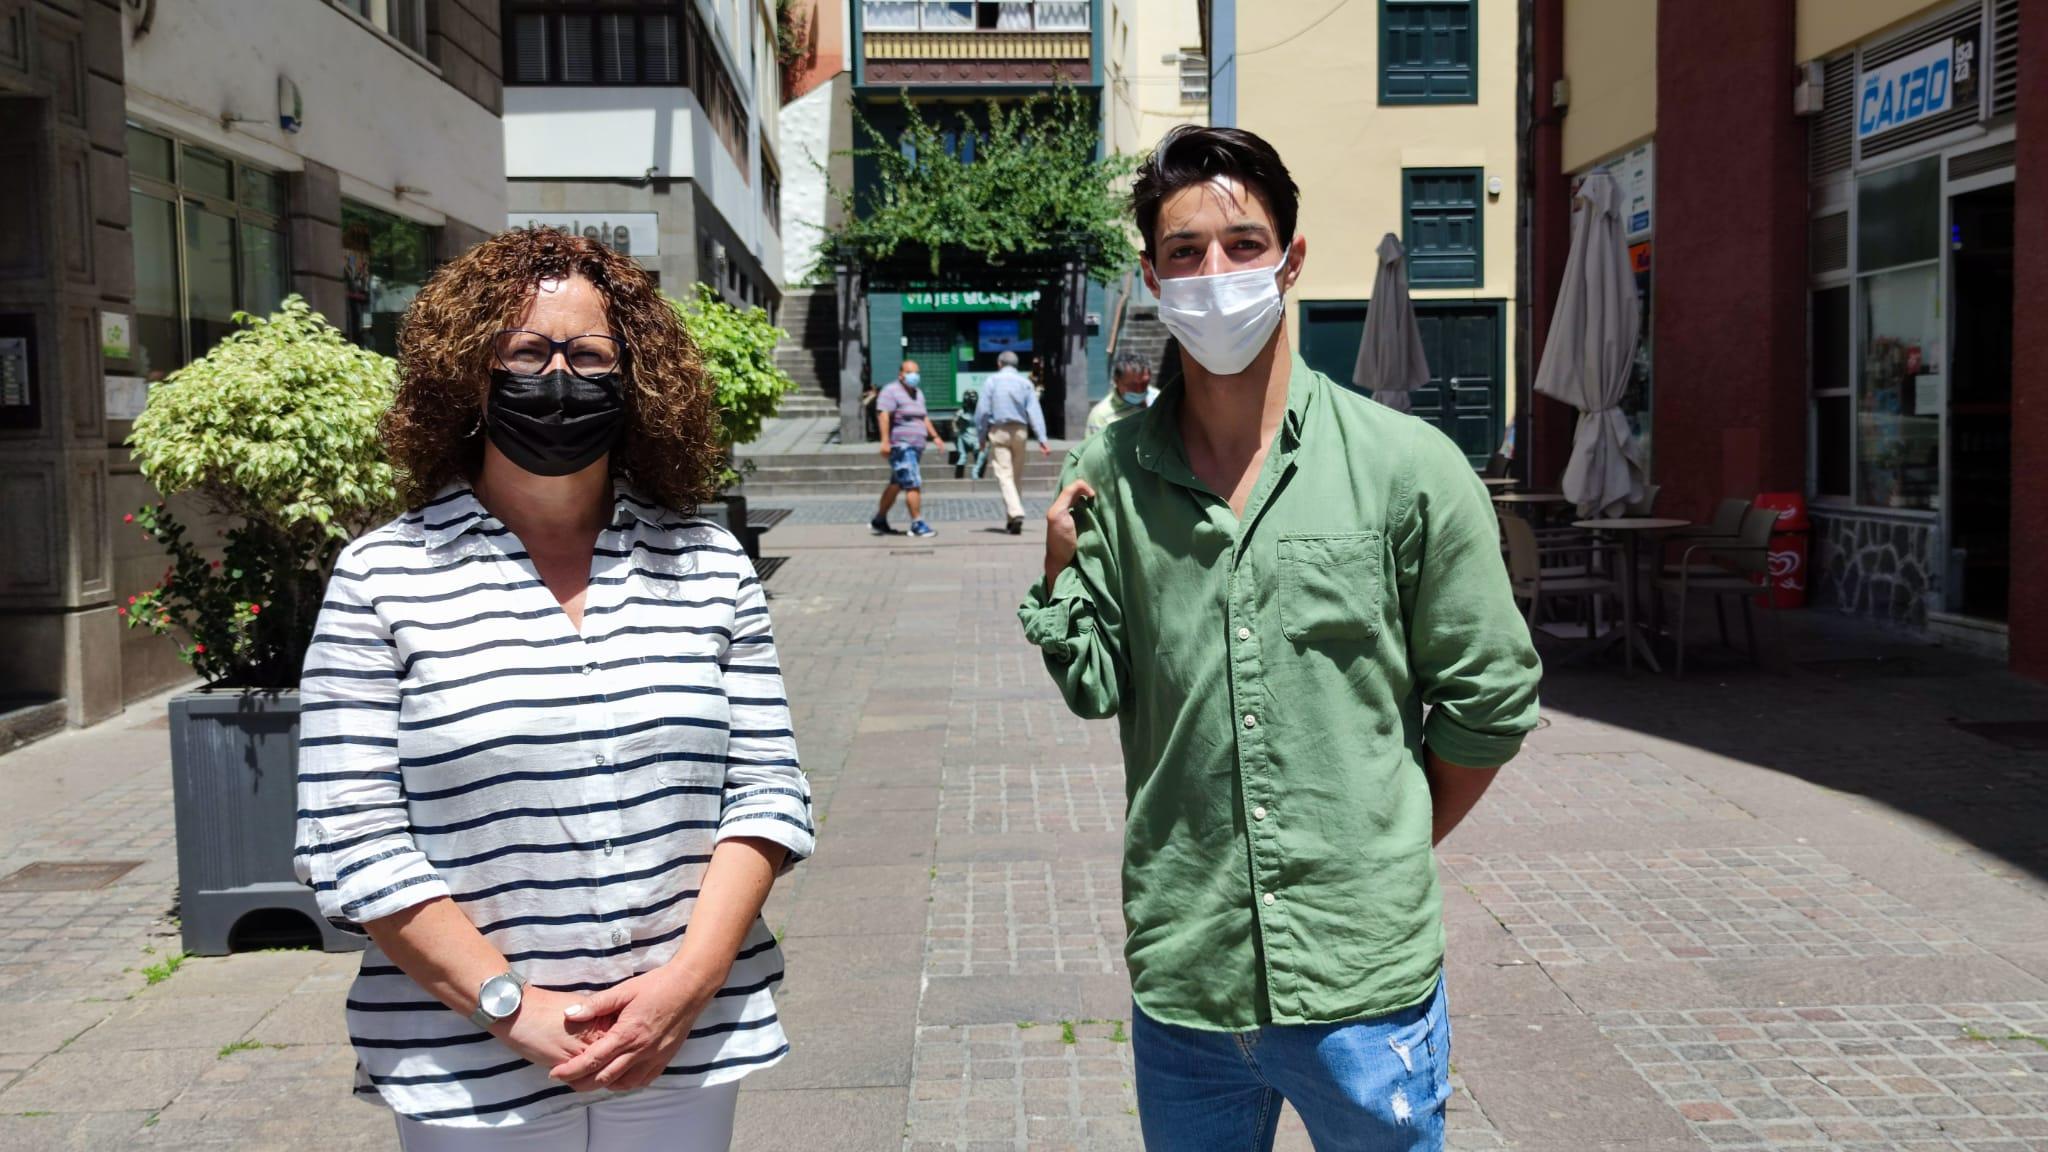 La consejera de Juventud del Cabildo de La Palma, Nieves Hernández y Carlos Pérez / CanariasNoticias.es